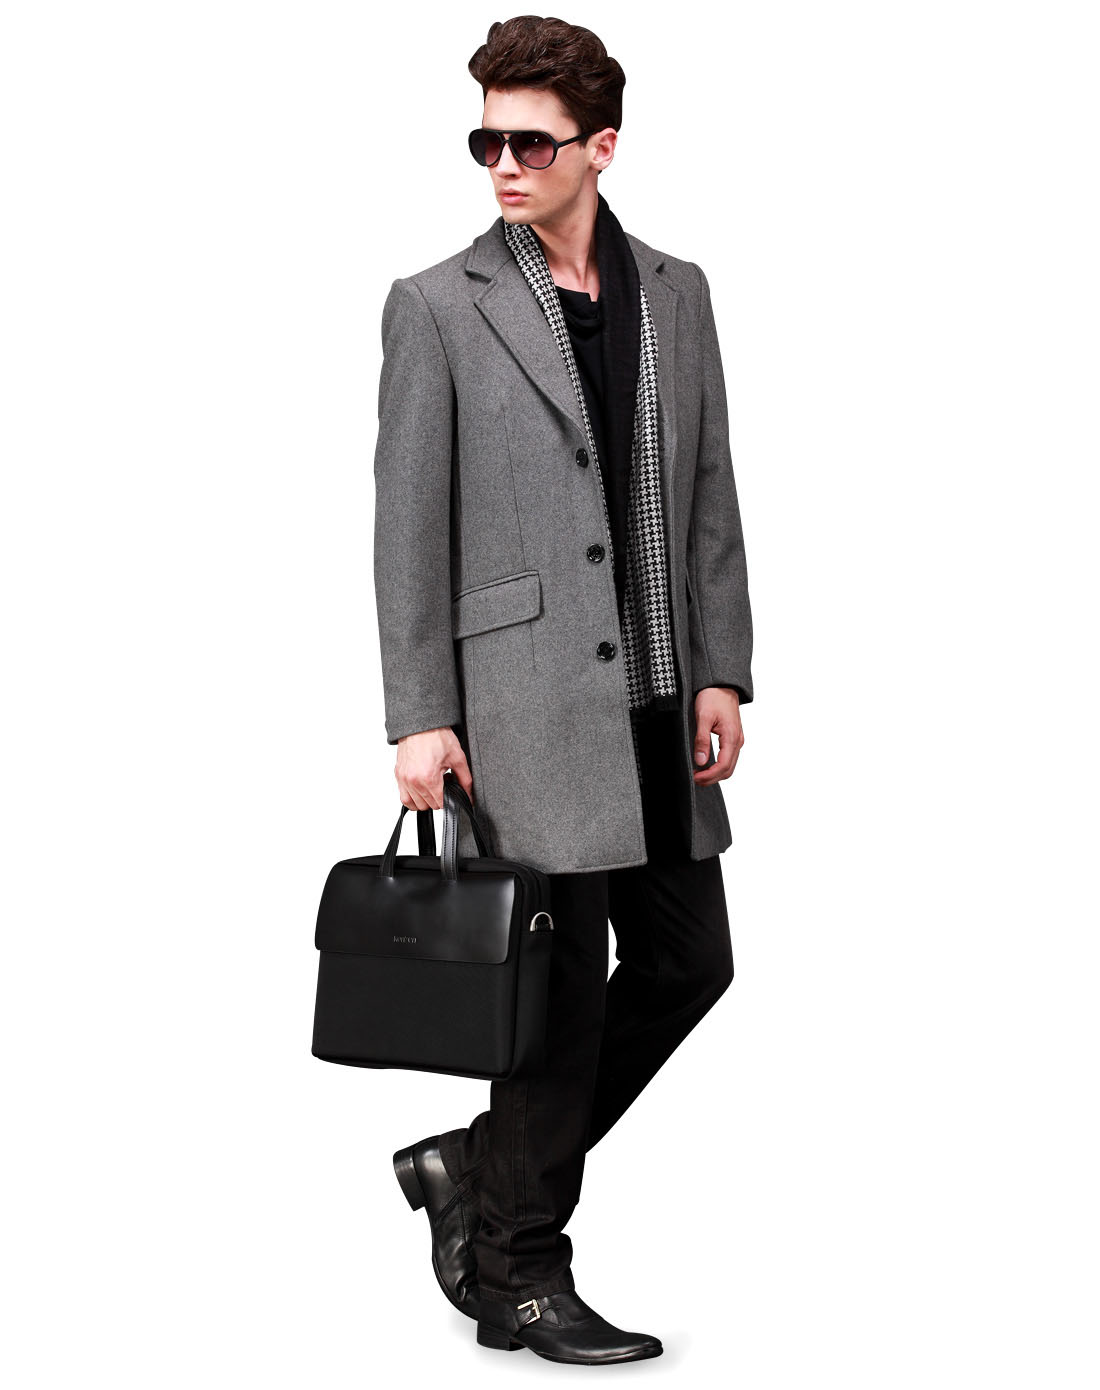 男款花灰色西装领合身配围巾呢料大衣